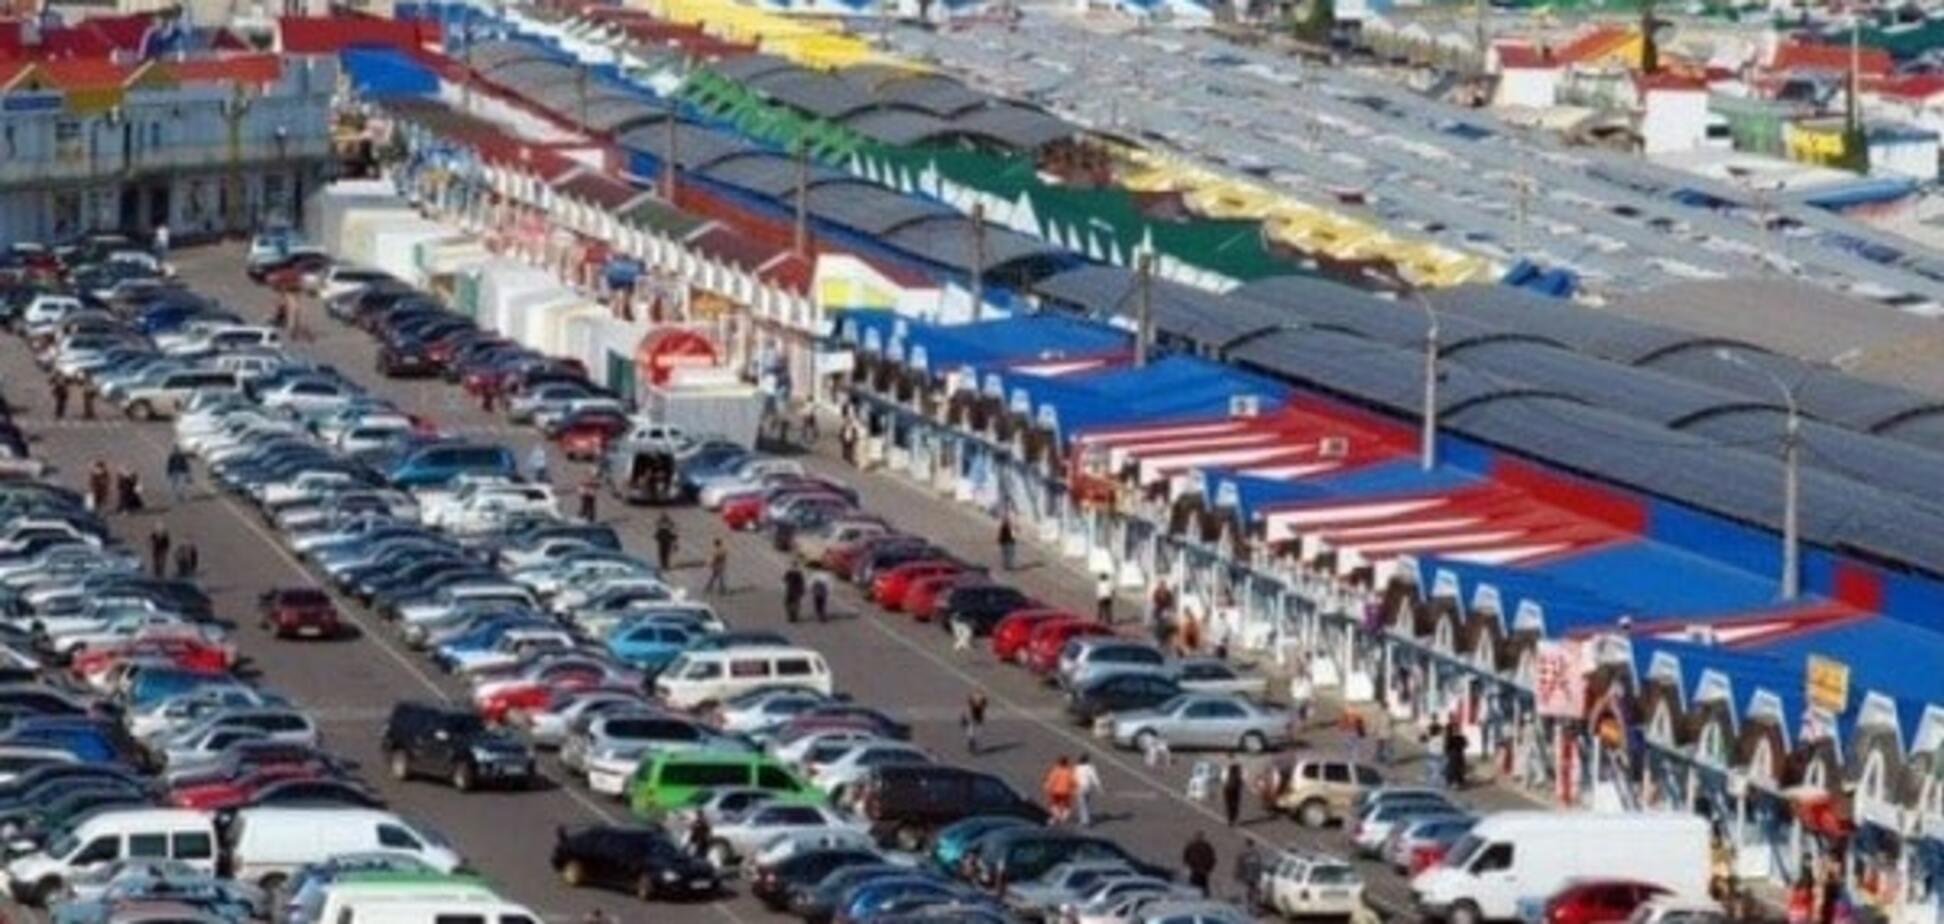 Рейдеры пытаются прикрыть захват рынка '7-й км' псевдопатриотизмом - администрация